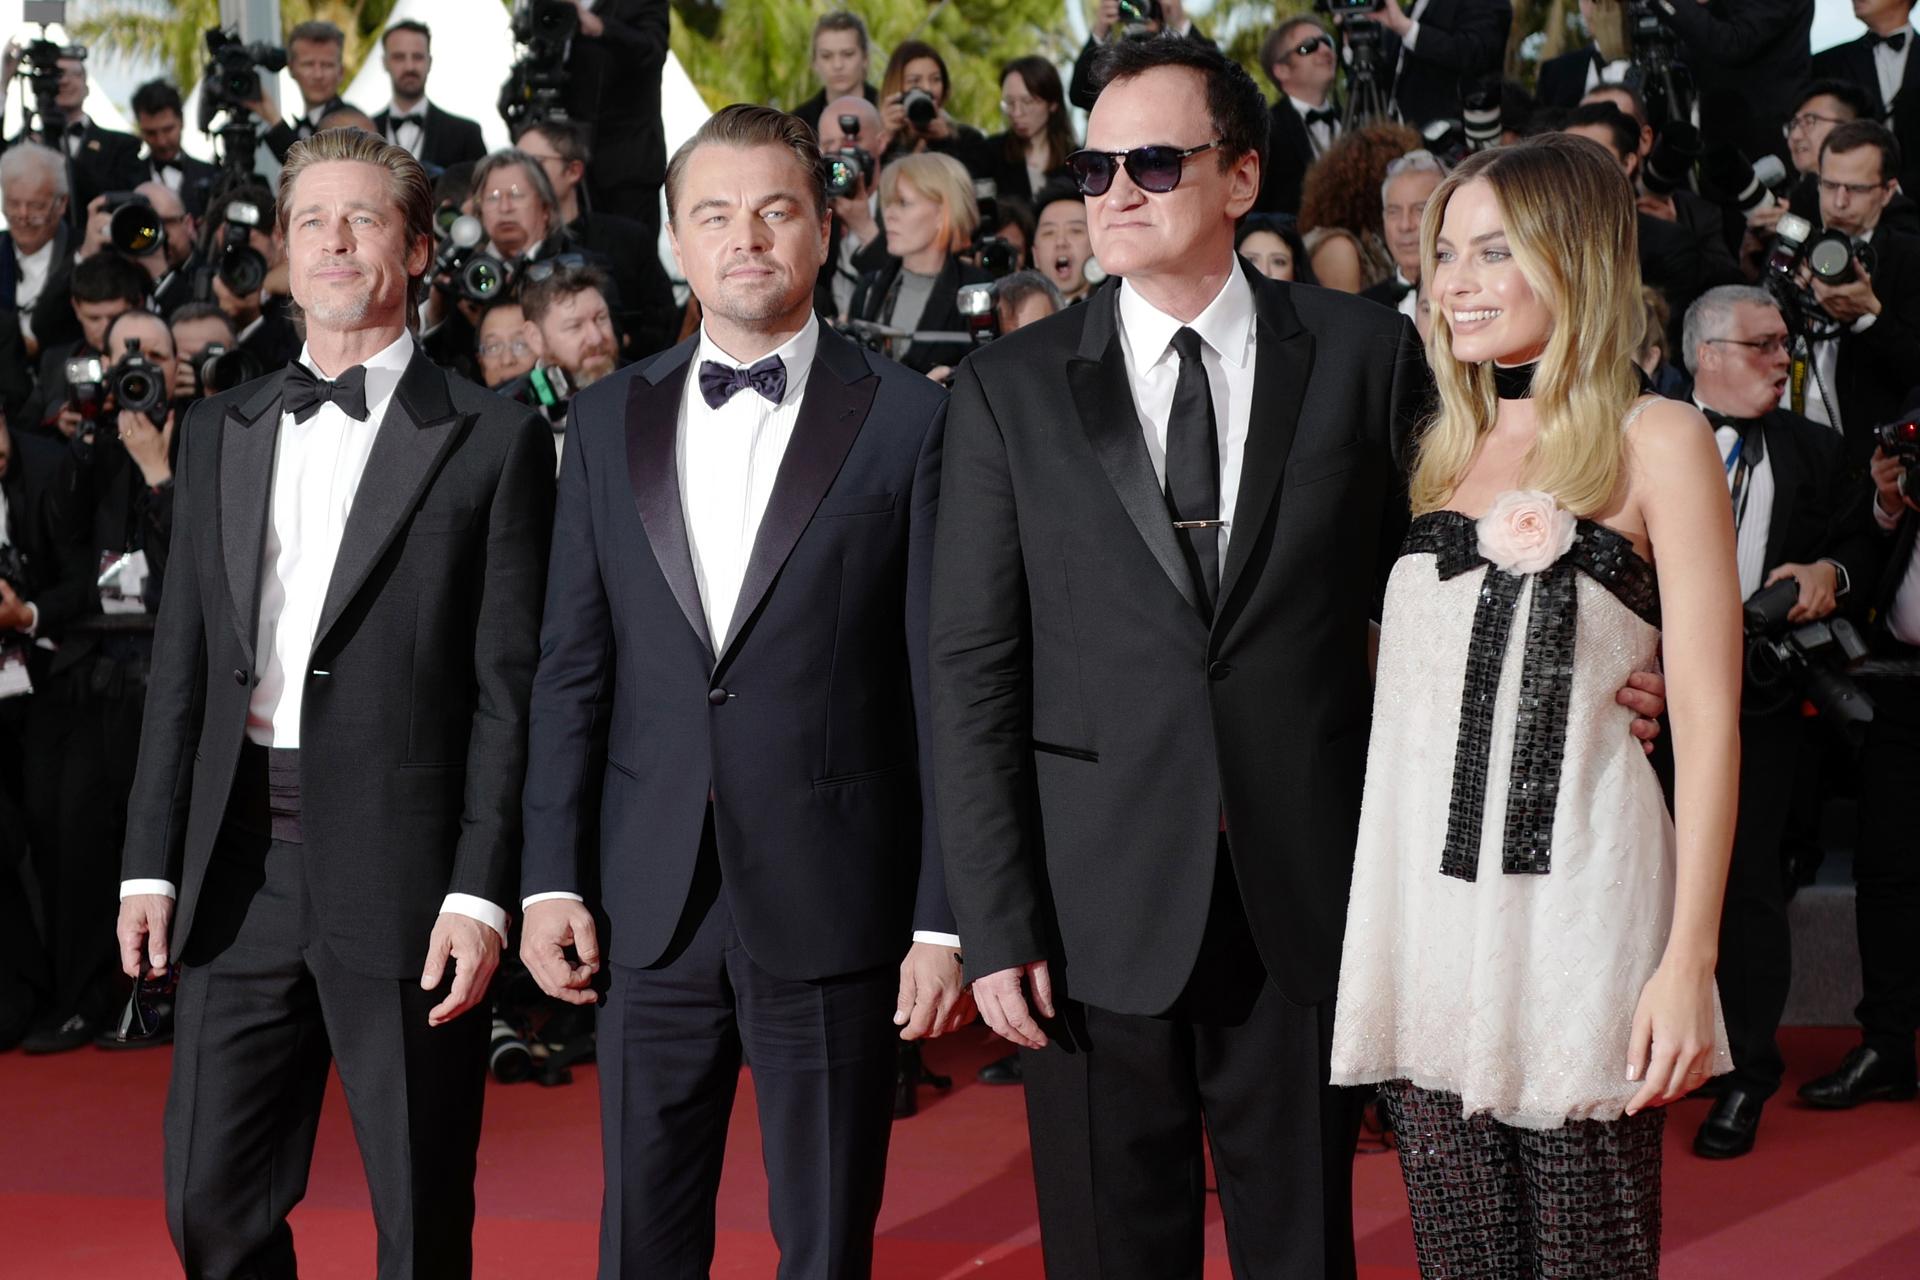 Brad Pitt, Leonardo DiCaprio con black tie de moño Quentin Tarantino y black tie de corbata y Margot Robbie con vestido corto y pantalón de lentejuelas con detalle de rosa rosada en el borde del vestido. Como accesorio, una gargantilla de chiffón